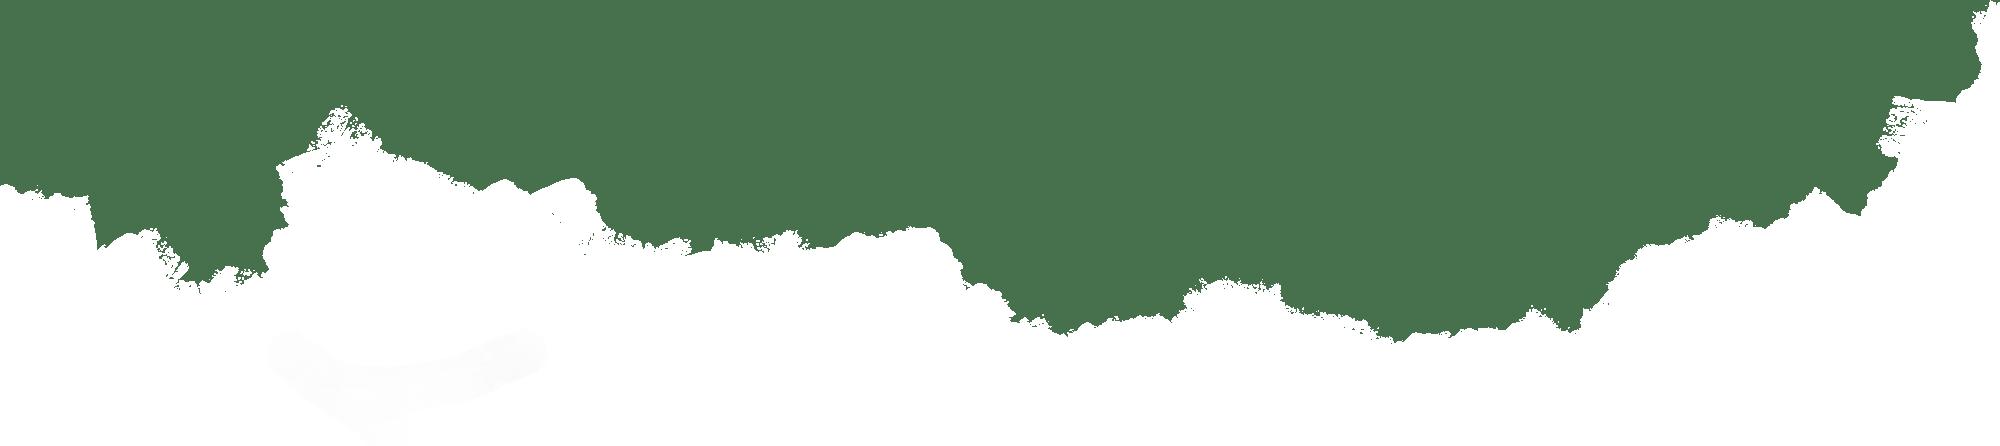 fondo semitransparente postdata ediciones editorial de poesía